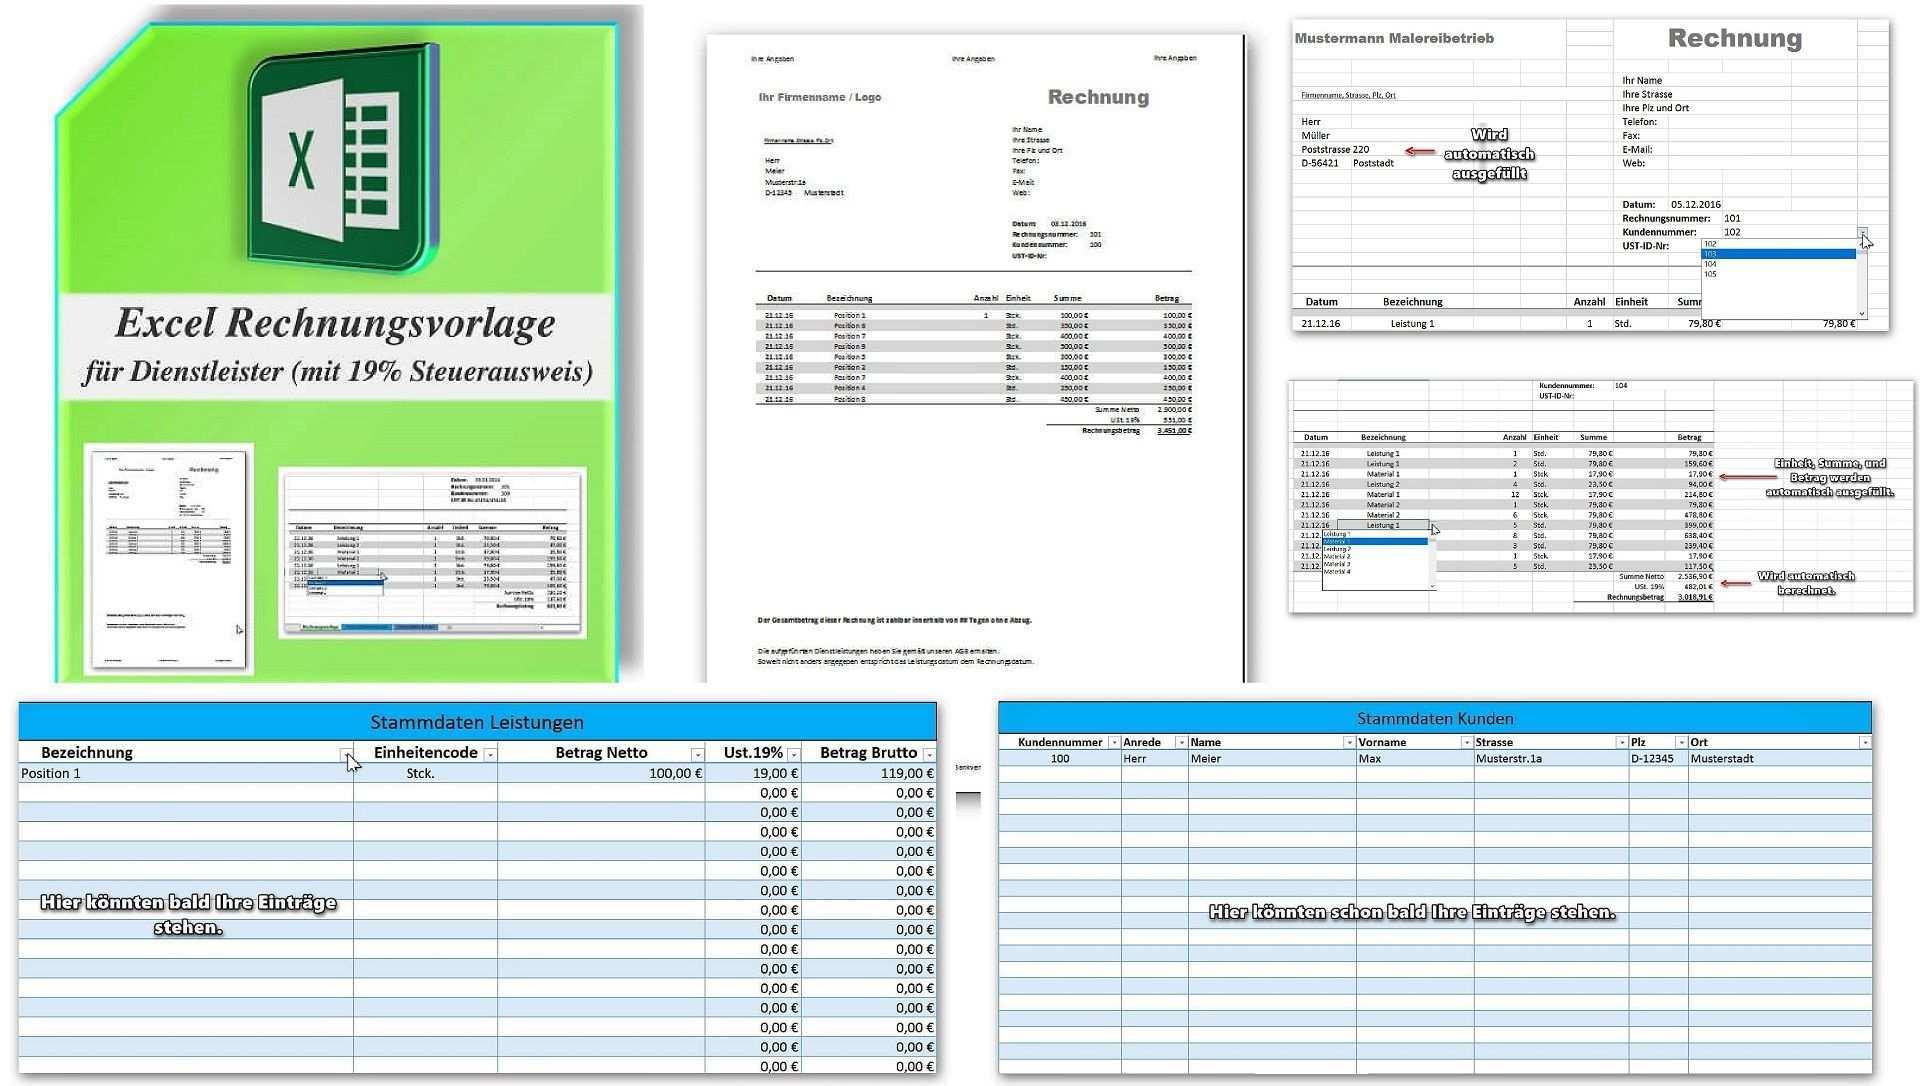 Premium Rechnungsvorlage Gemischte Steuersatze 5 7 16 Und 19 Rechnung Vorlage Rechnungsvorlage Vorlagen